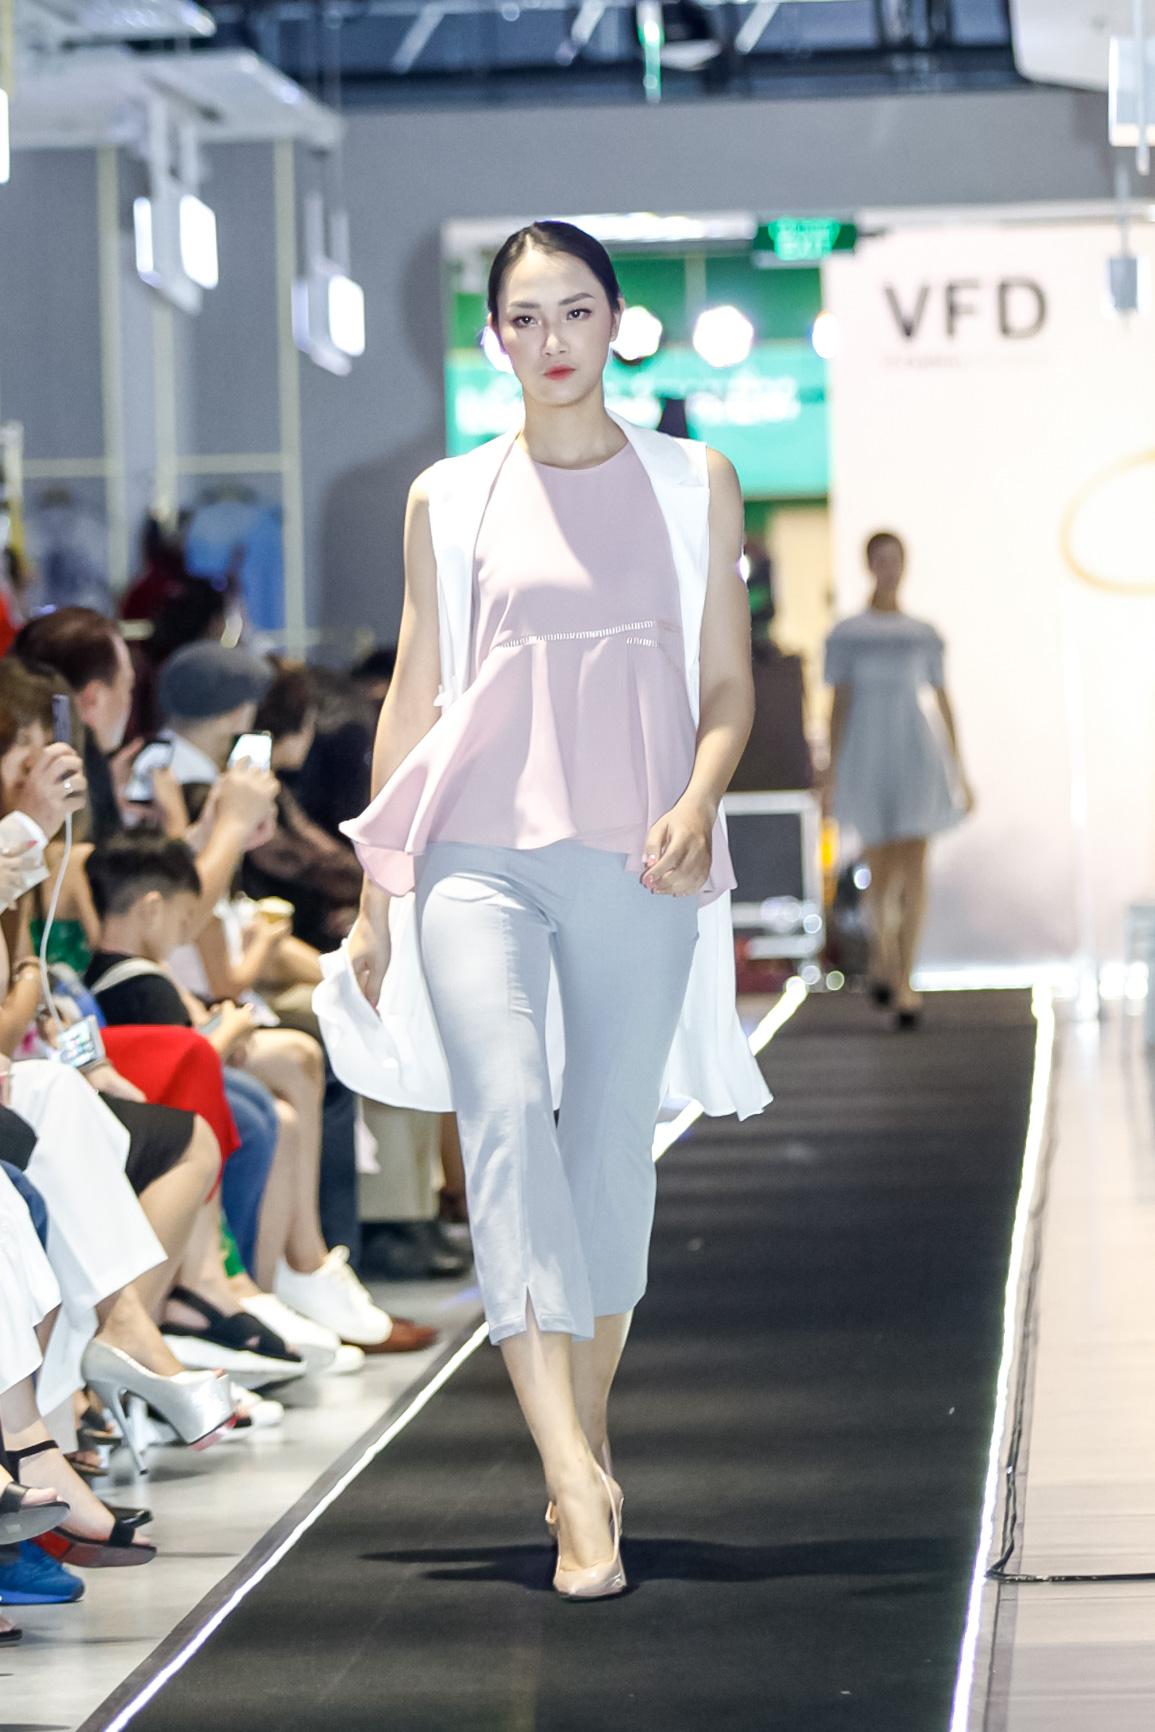 Up To Sencons- Thương hiệu thời trang mang phong cách Hàn Quốc dành cho giới trẻ.